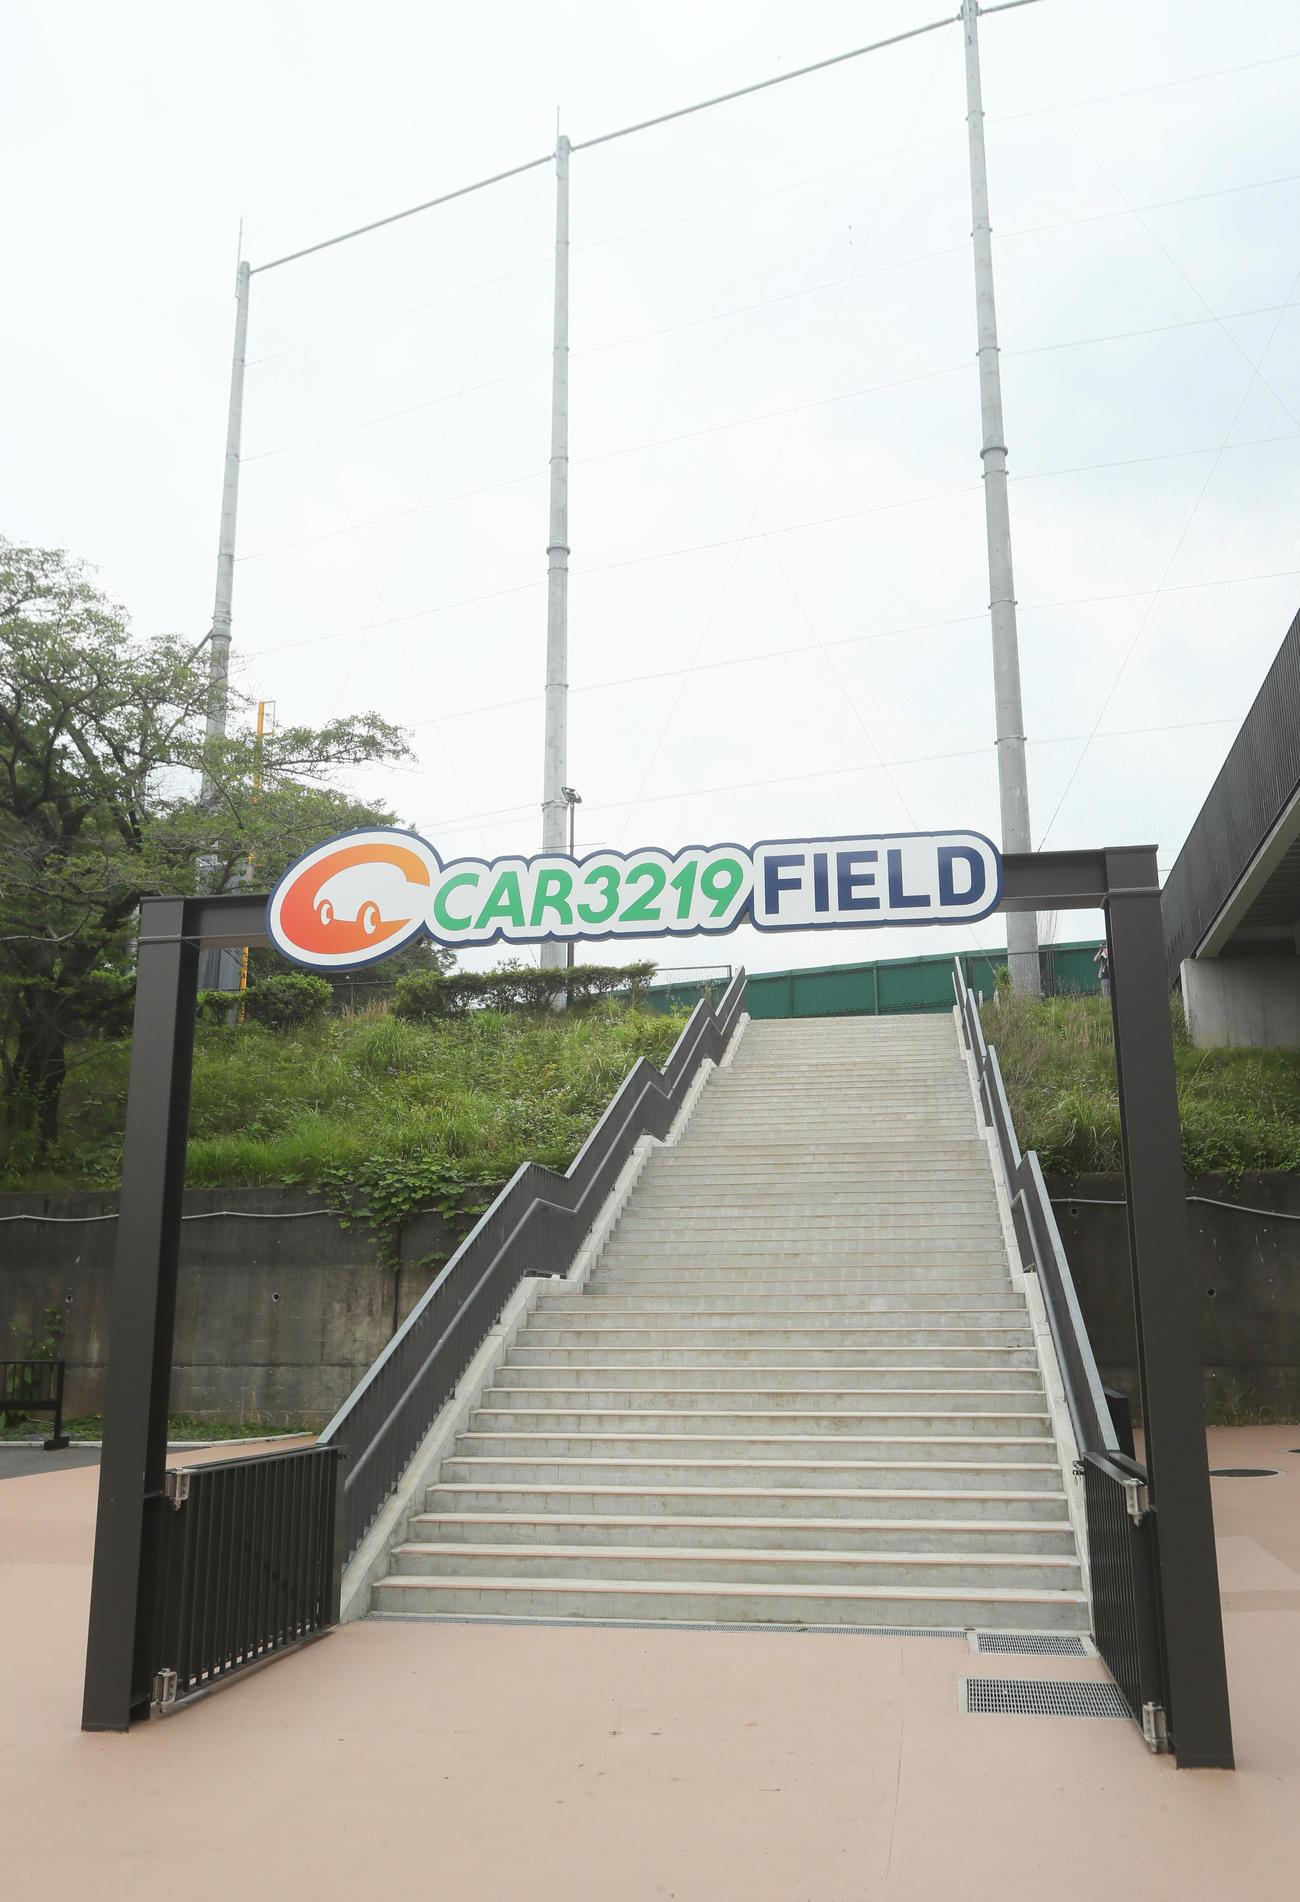 CAR3219(カーミニーク)フィールド(西武第2球場)の入場門(撮影・足立雅史)